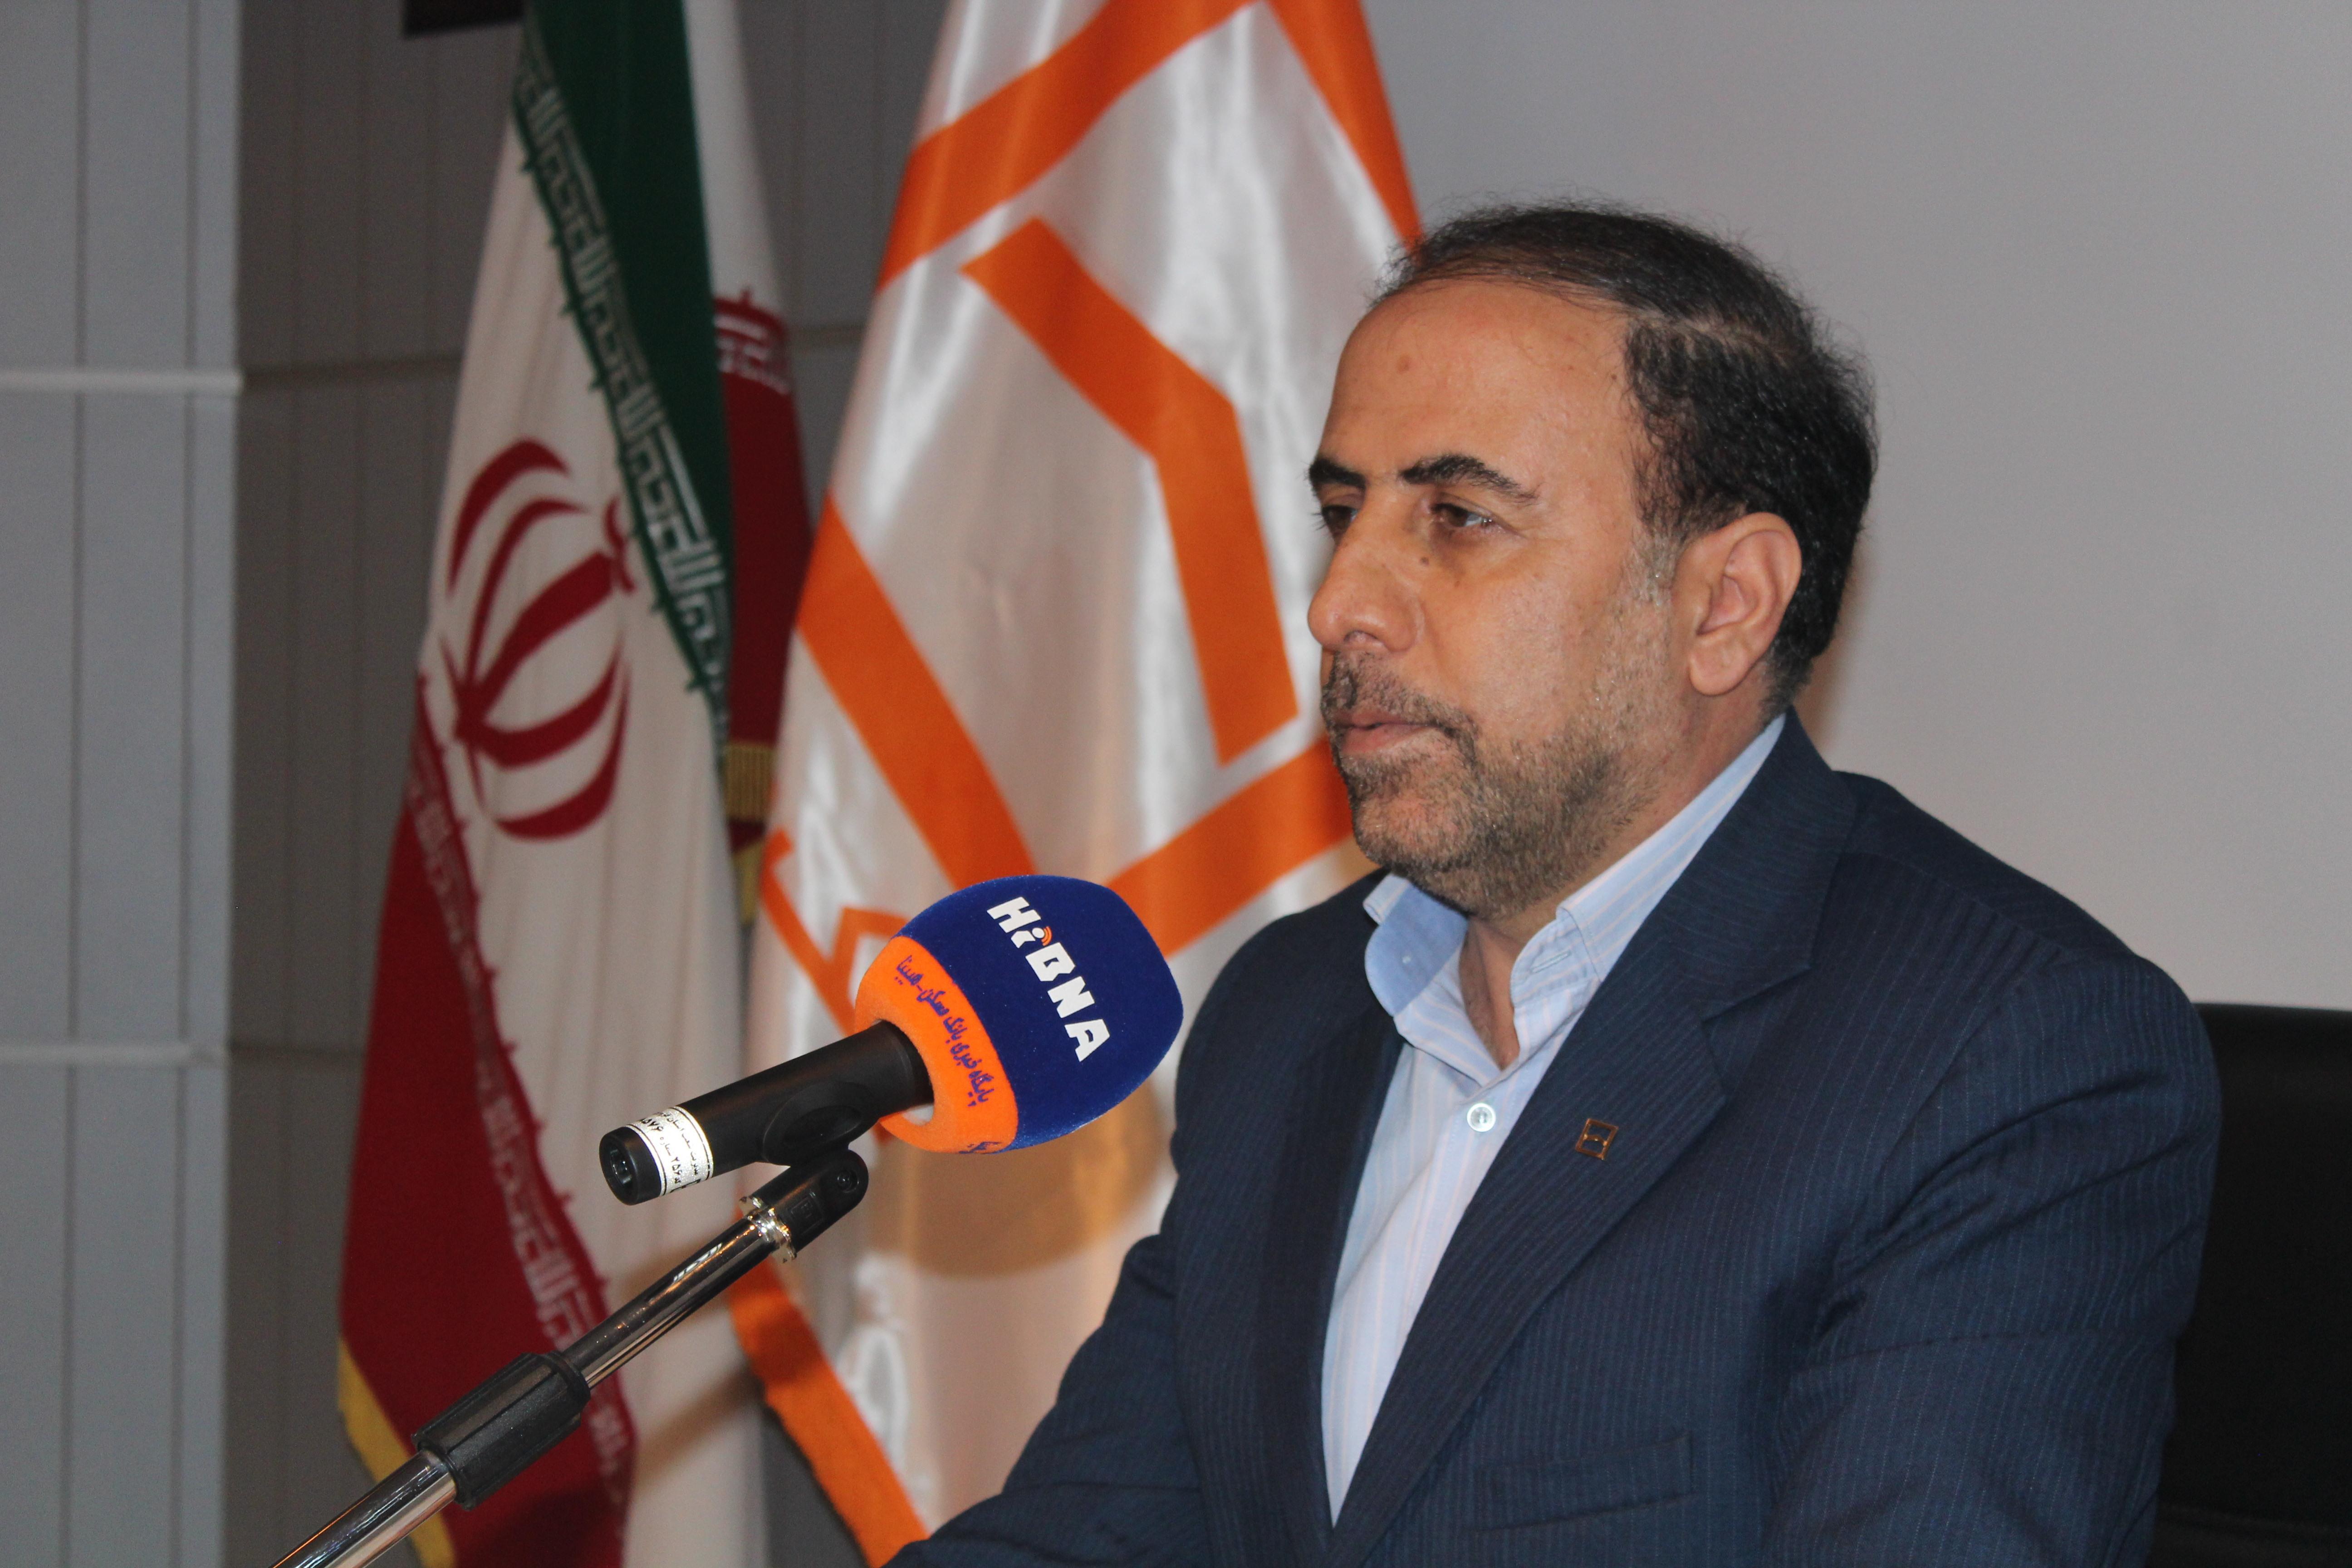 کسب رتبه نخست پرداخت تسهیلات بانک مسکن قزوین دربین بانکهای استان